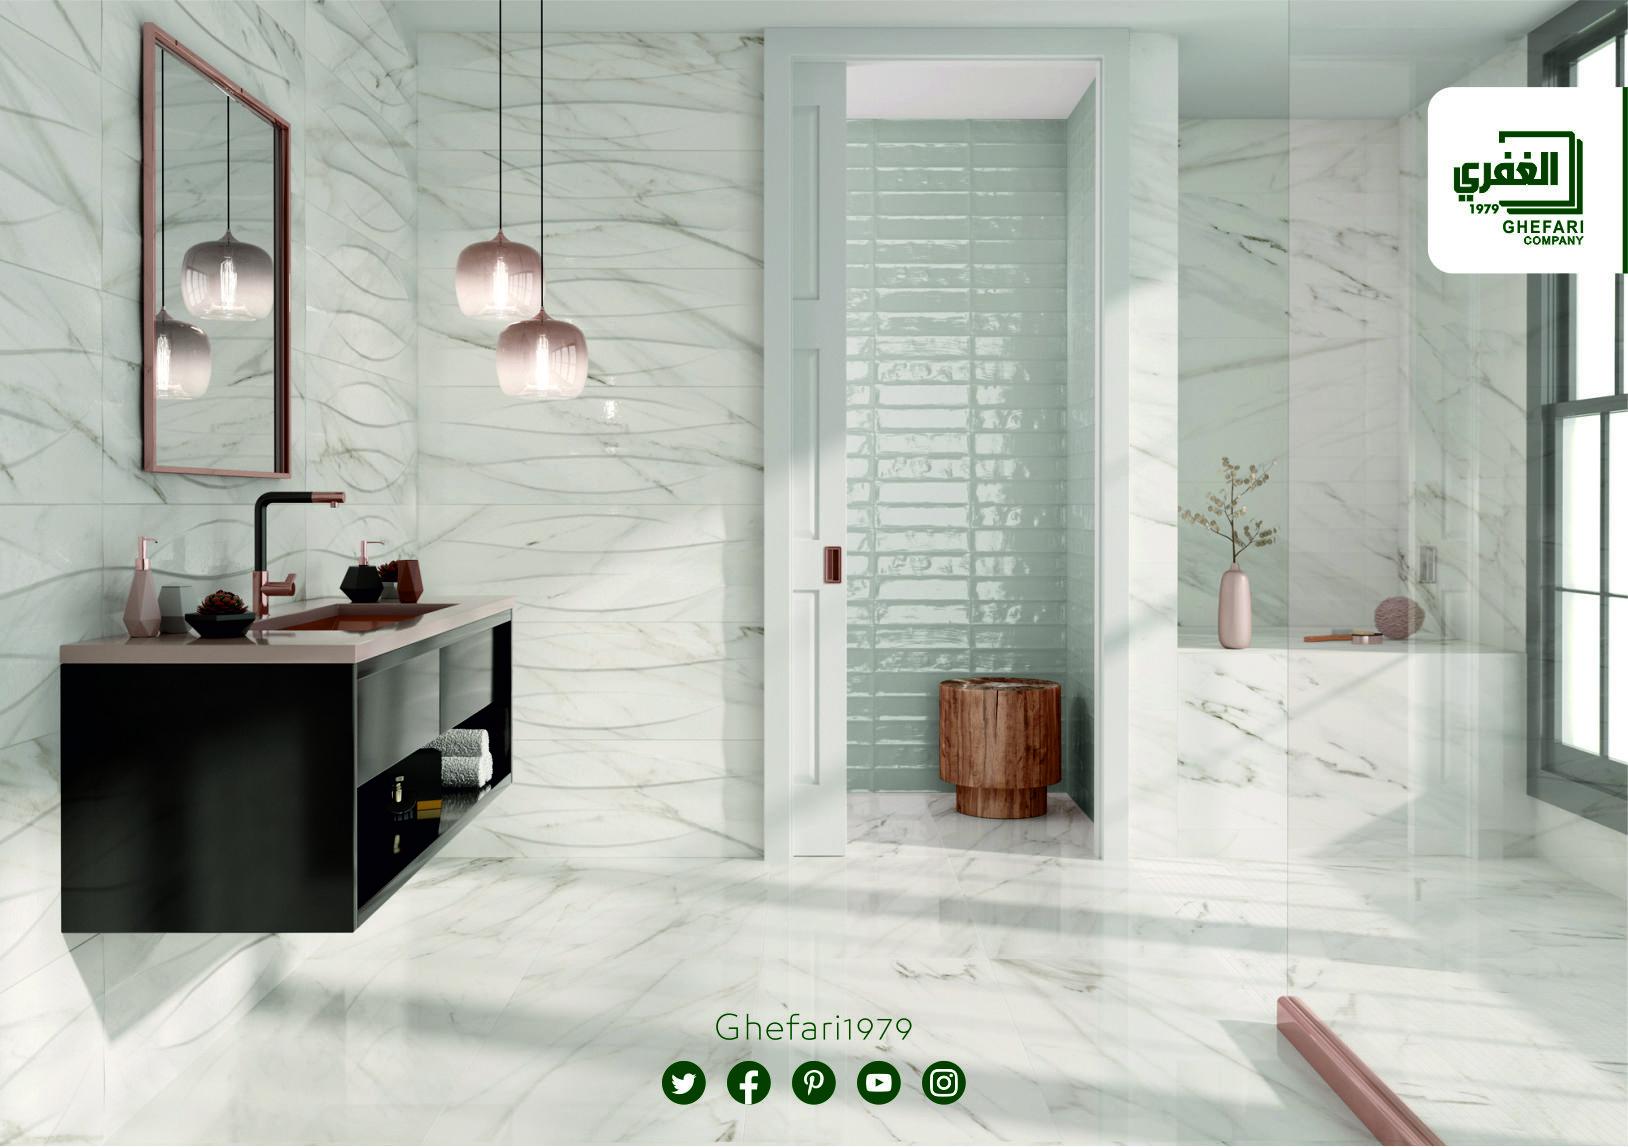 وصل حديثا بورسلان اسباني متوفر بعدة مقاسات 60x60 37 5x75 75x75cm جديد موديلات 2019 للمزيد زورونا على موقع الشرك Room Decor Room Design Bathroom Design